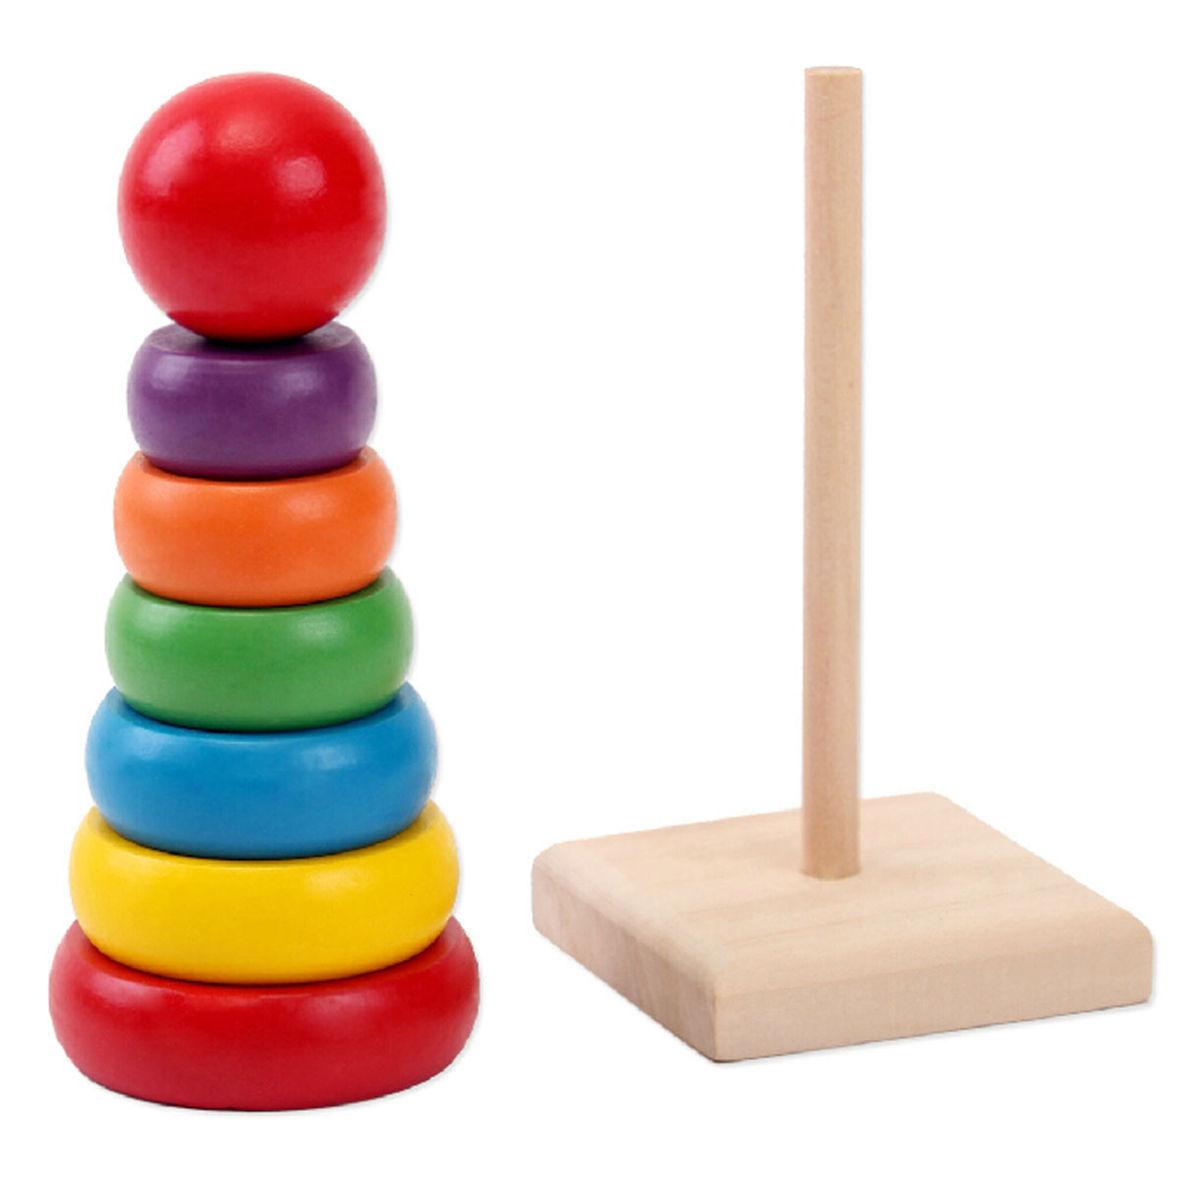 Kids Stacking Toys : Blocks stacking toys